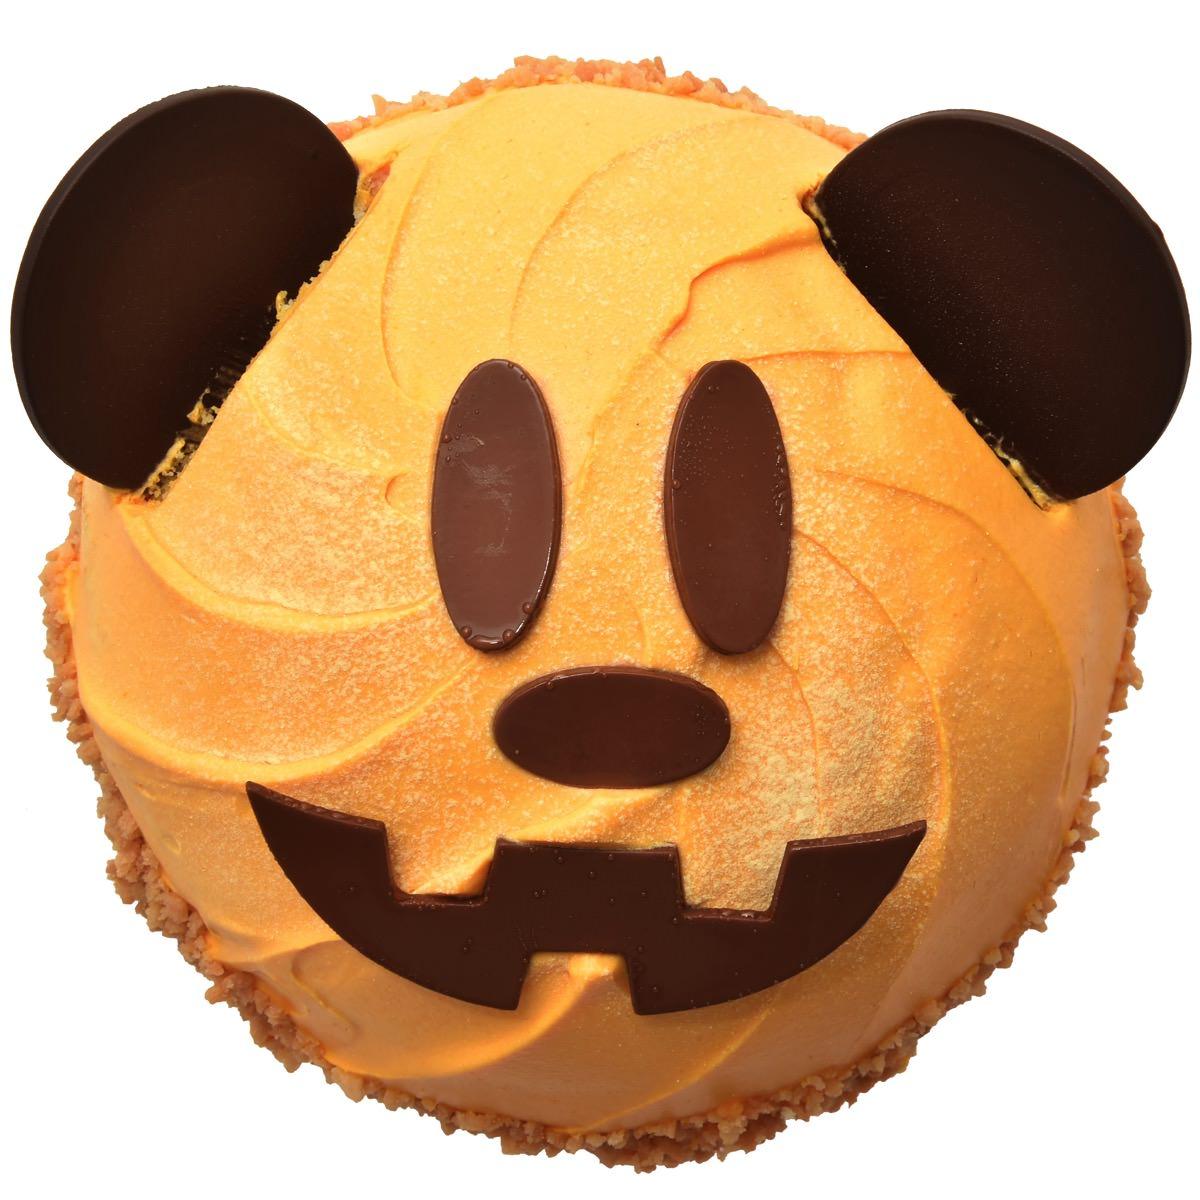 パンプキンケーキ(ミッキーマウス)上から